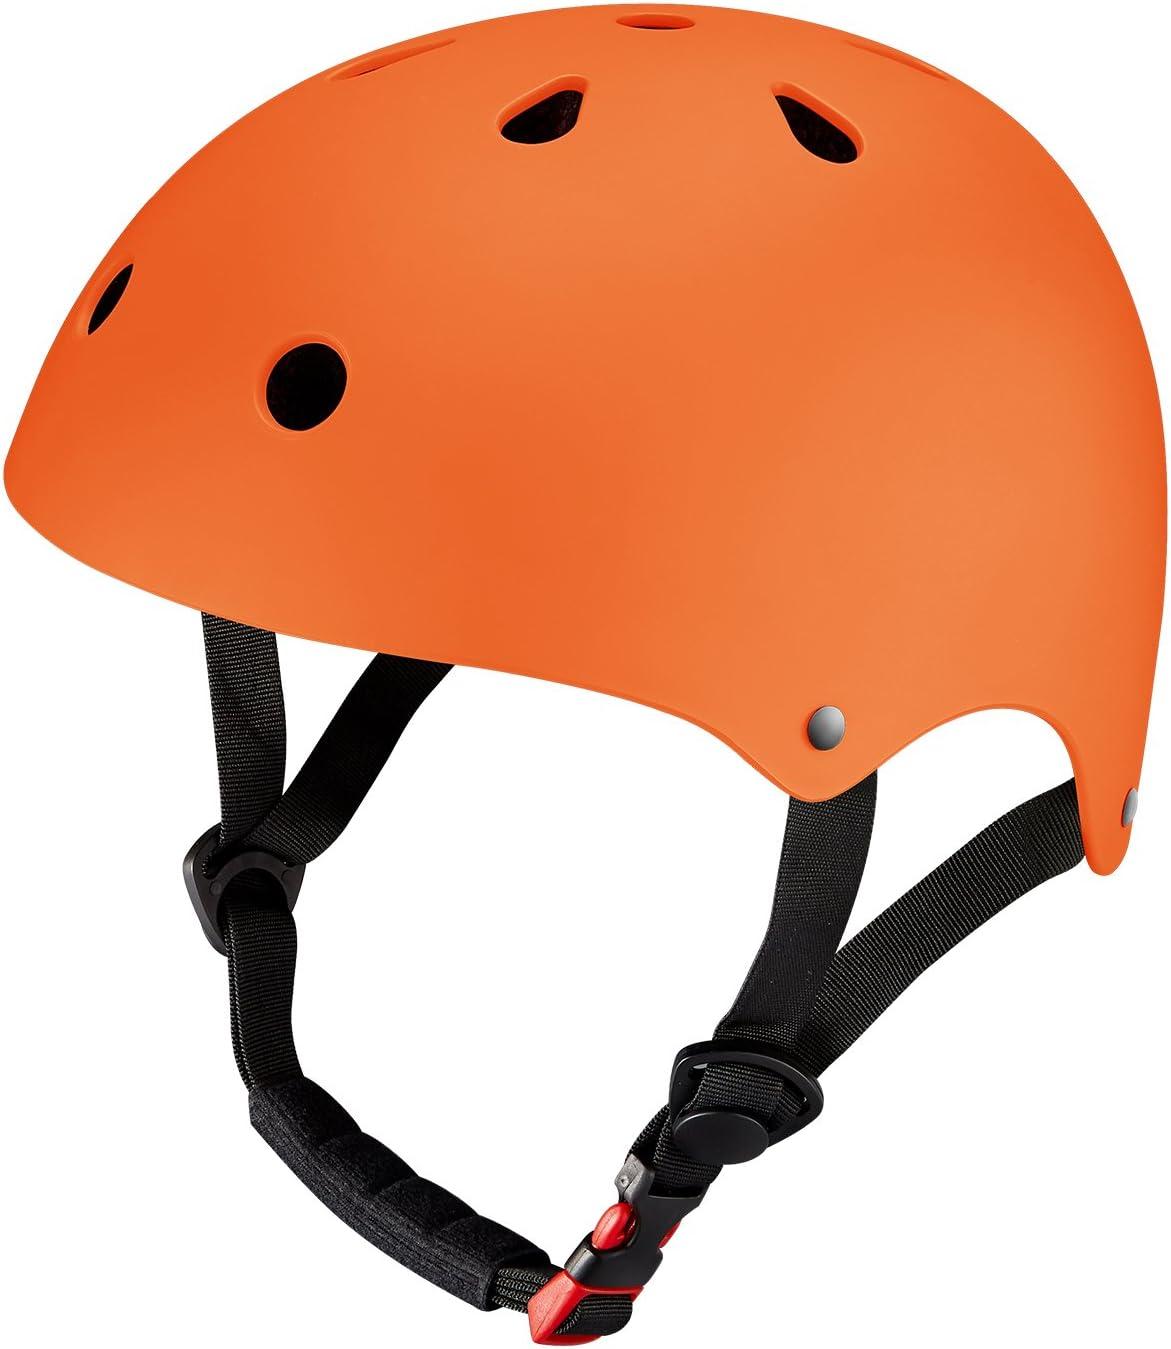 Kuyouスケートボードヘルメット、サイクリング究極の調節可能なABSシェル/スケートボード/スクーター/スケートインラインスケート/ Rollerblading保護ギア4サイズ(XS S M L)適しKid / youth / adult。 オレンジ S